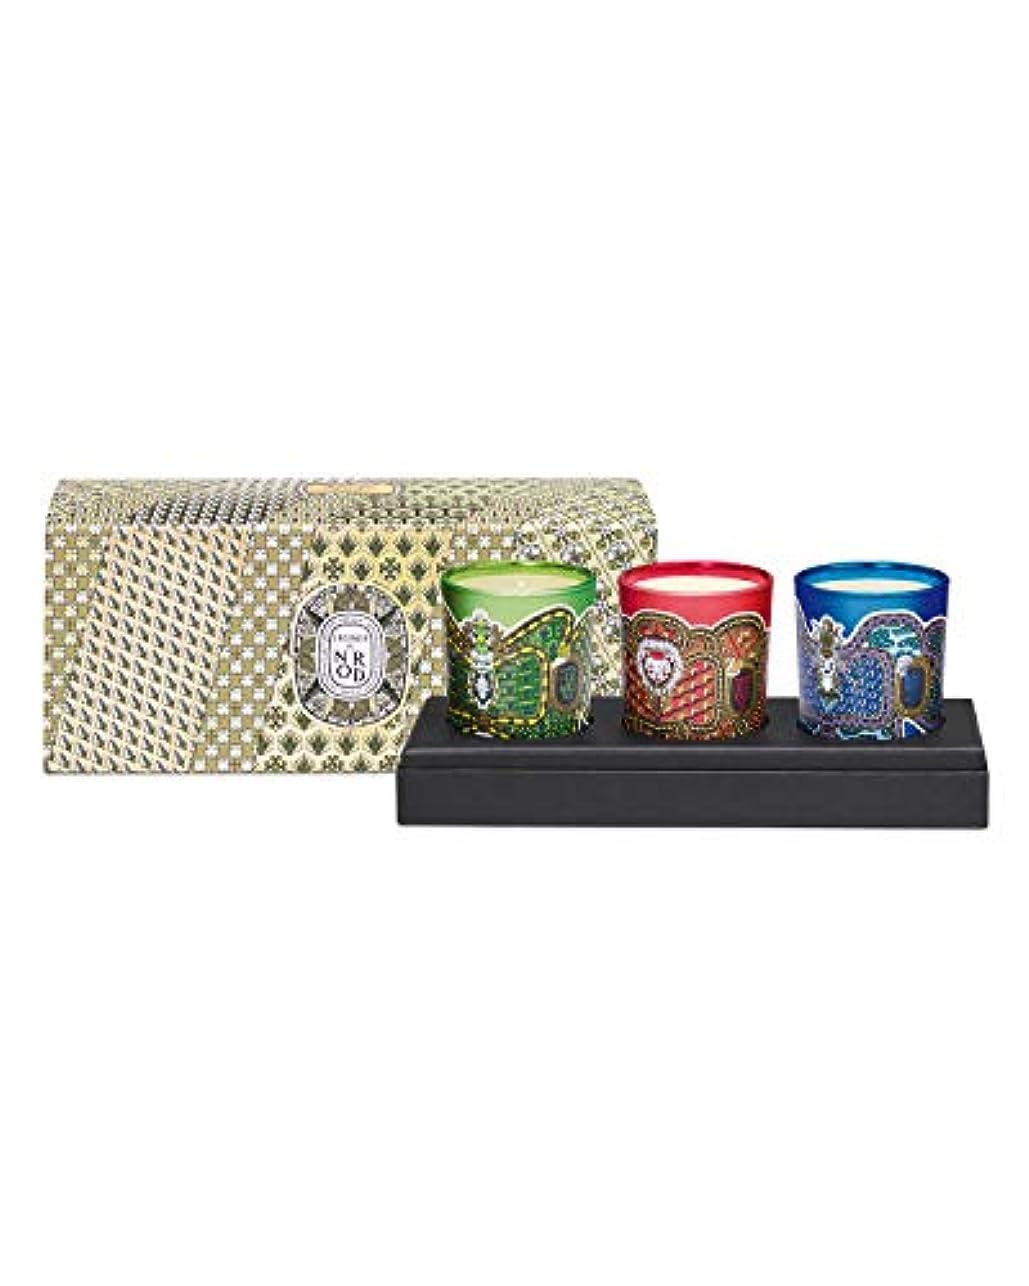 拘束する白雪姫広がりDiptyque Holiday Candle Trio (ディプティック ホリデー キャンドル トリオ) 2.4 oz (72ml) x 3 個 Limited Edition (限定版)